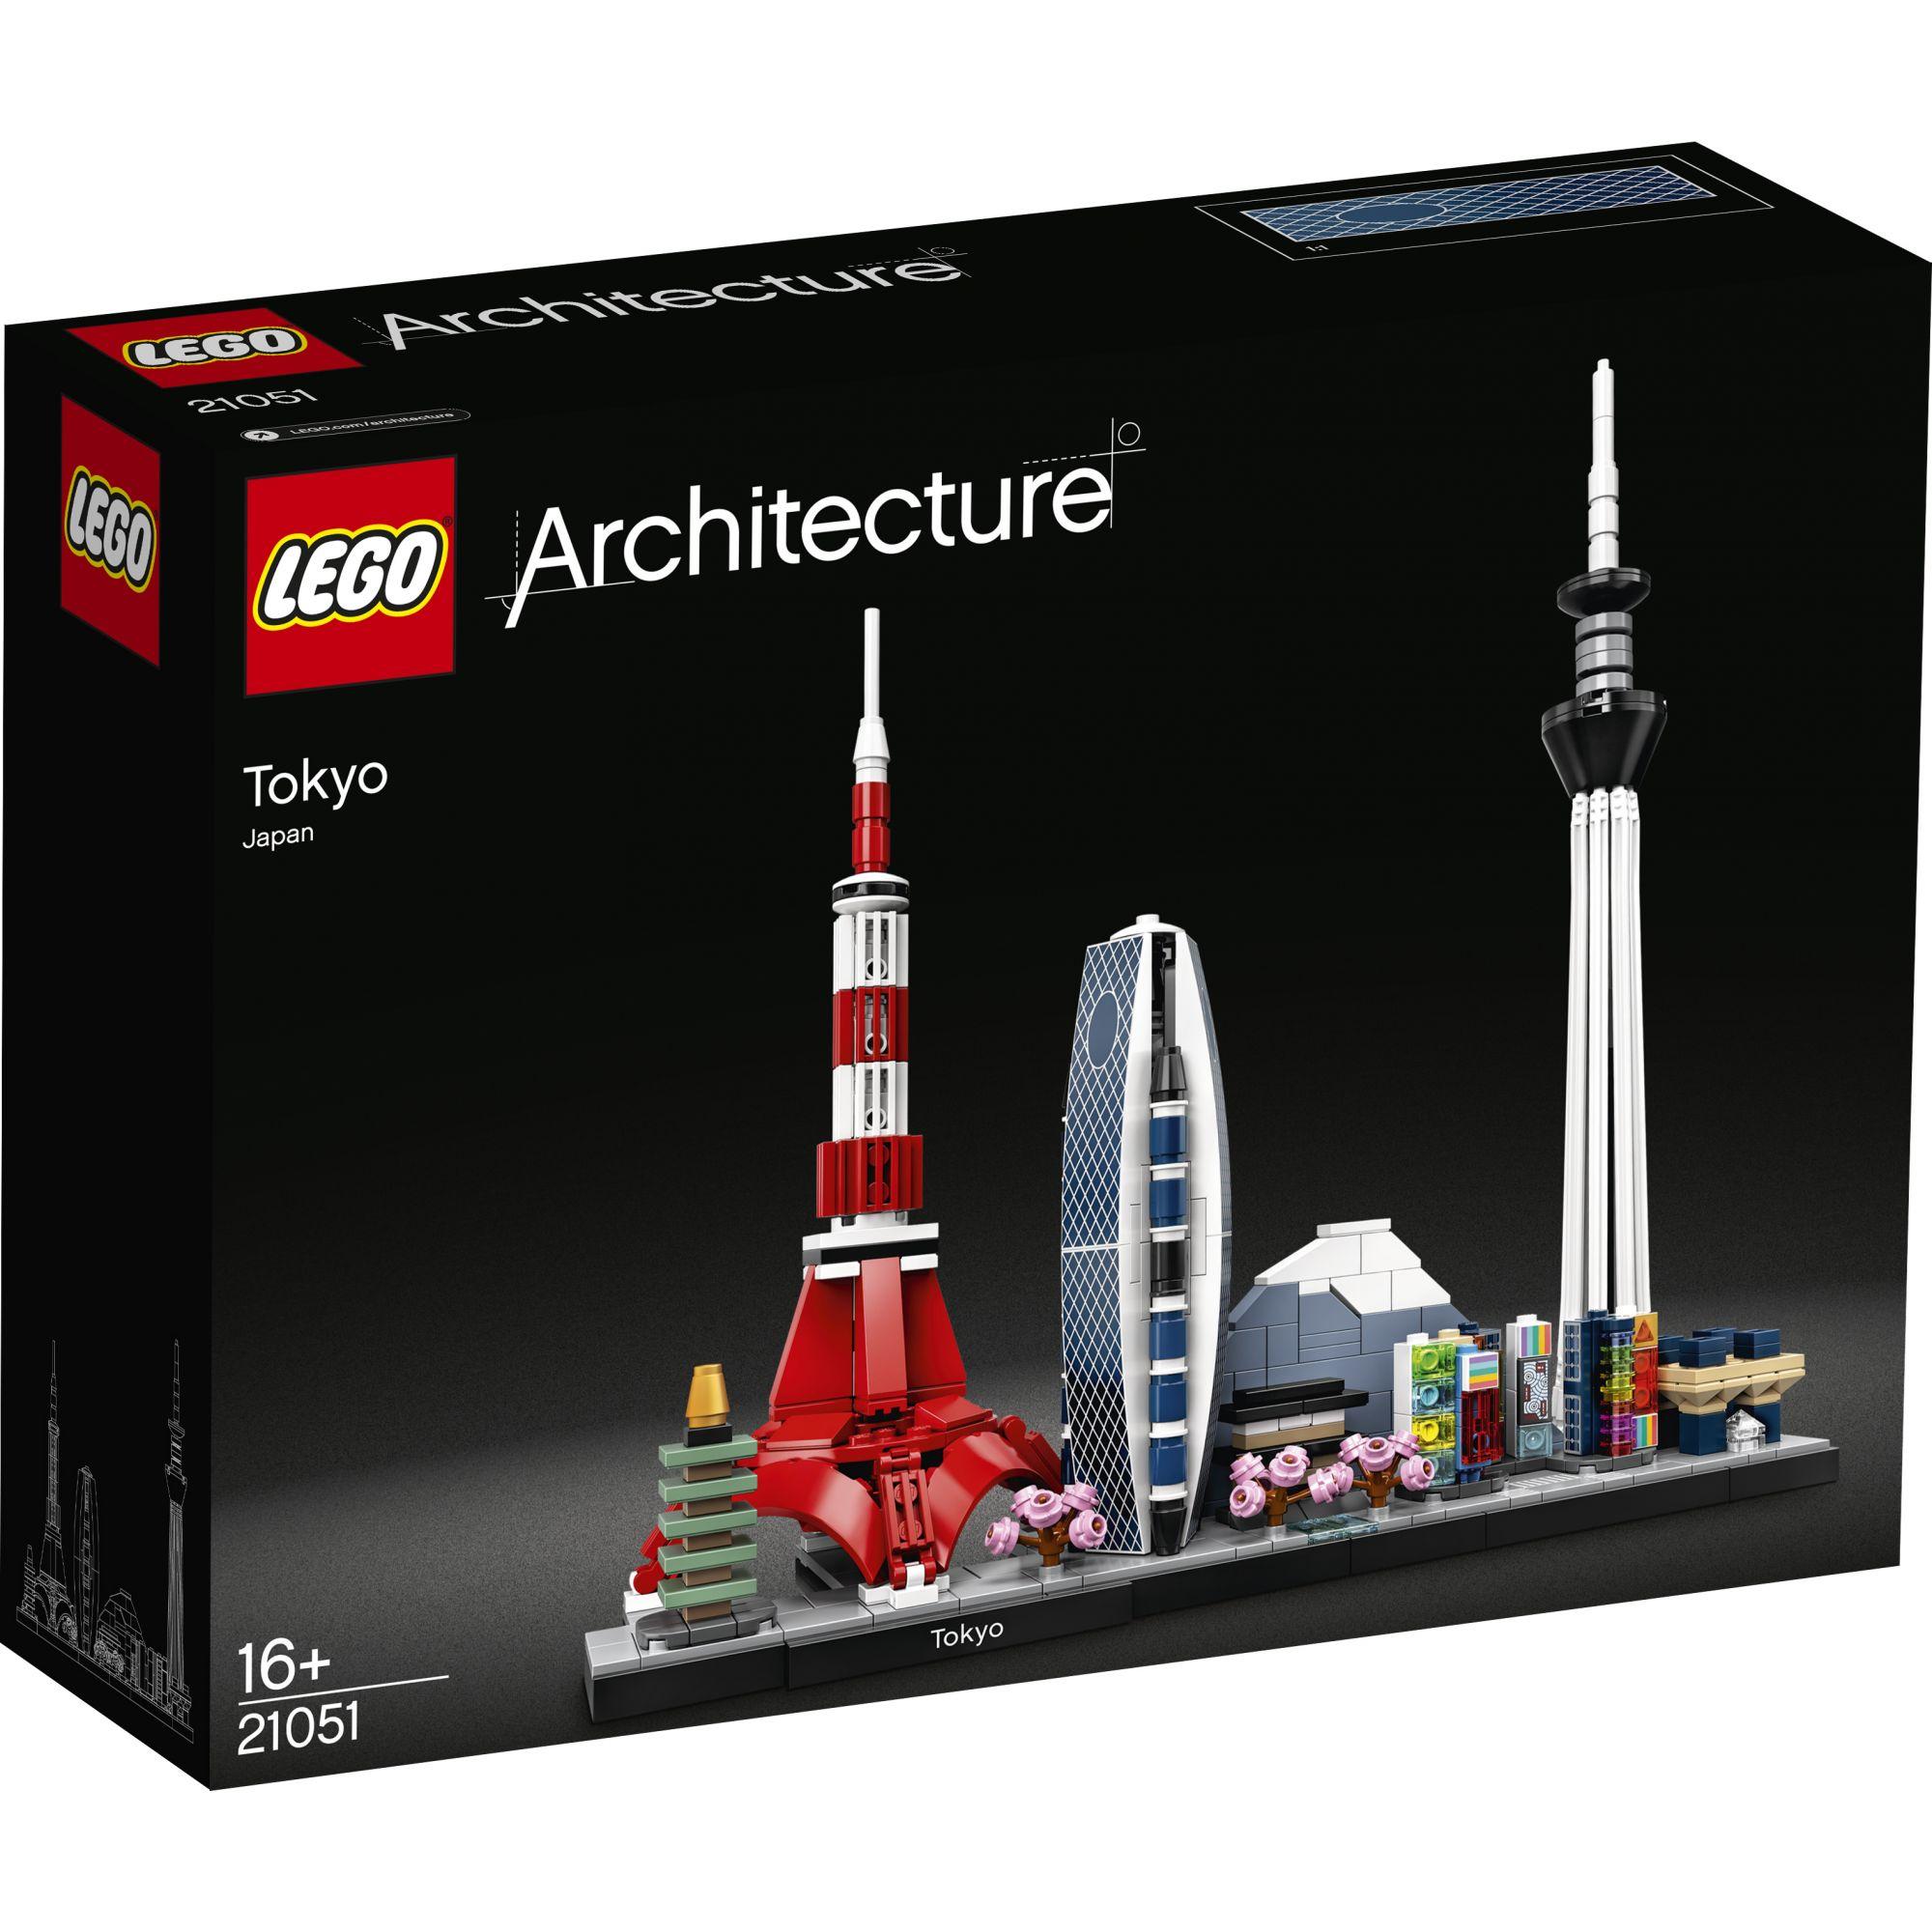 LEGO Architecture Tokyo - 21051 LEGO ARCHITECTURE